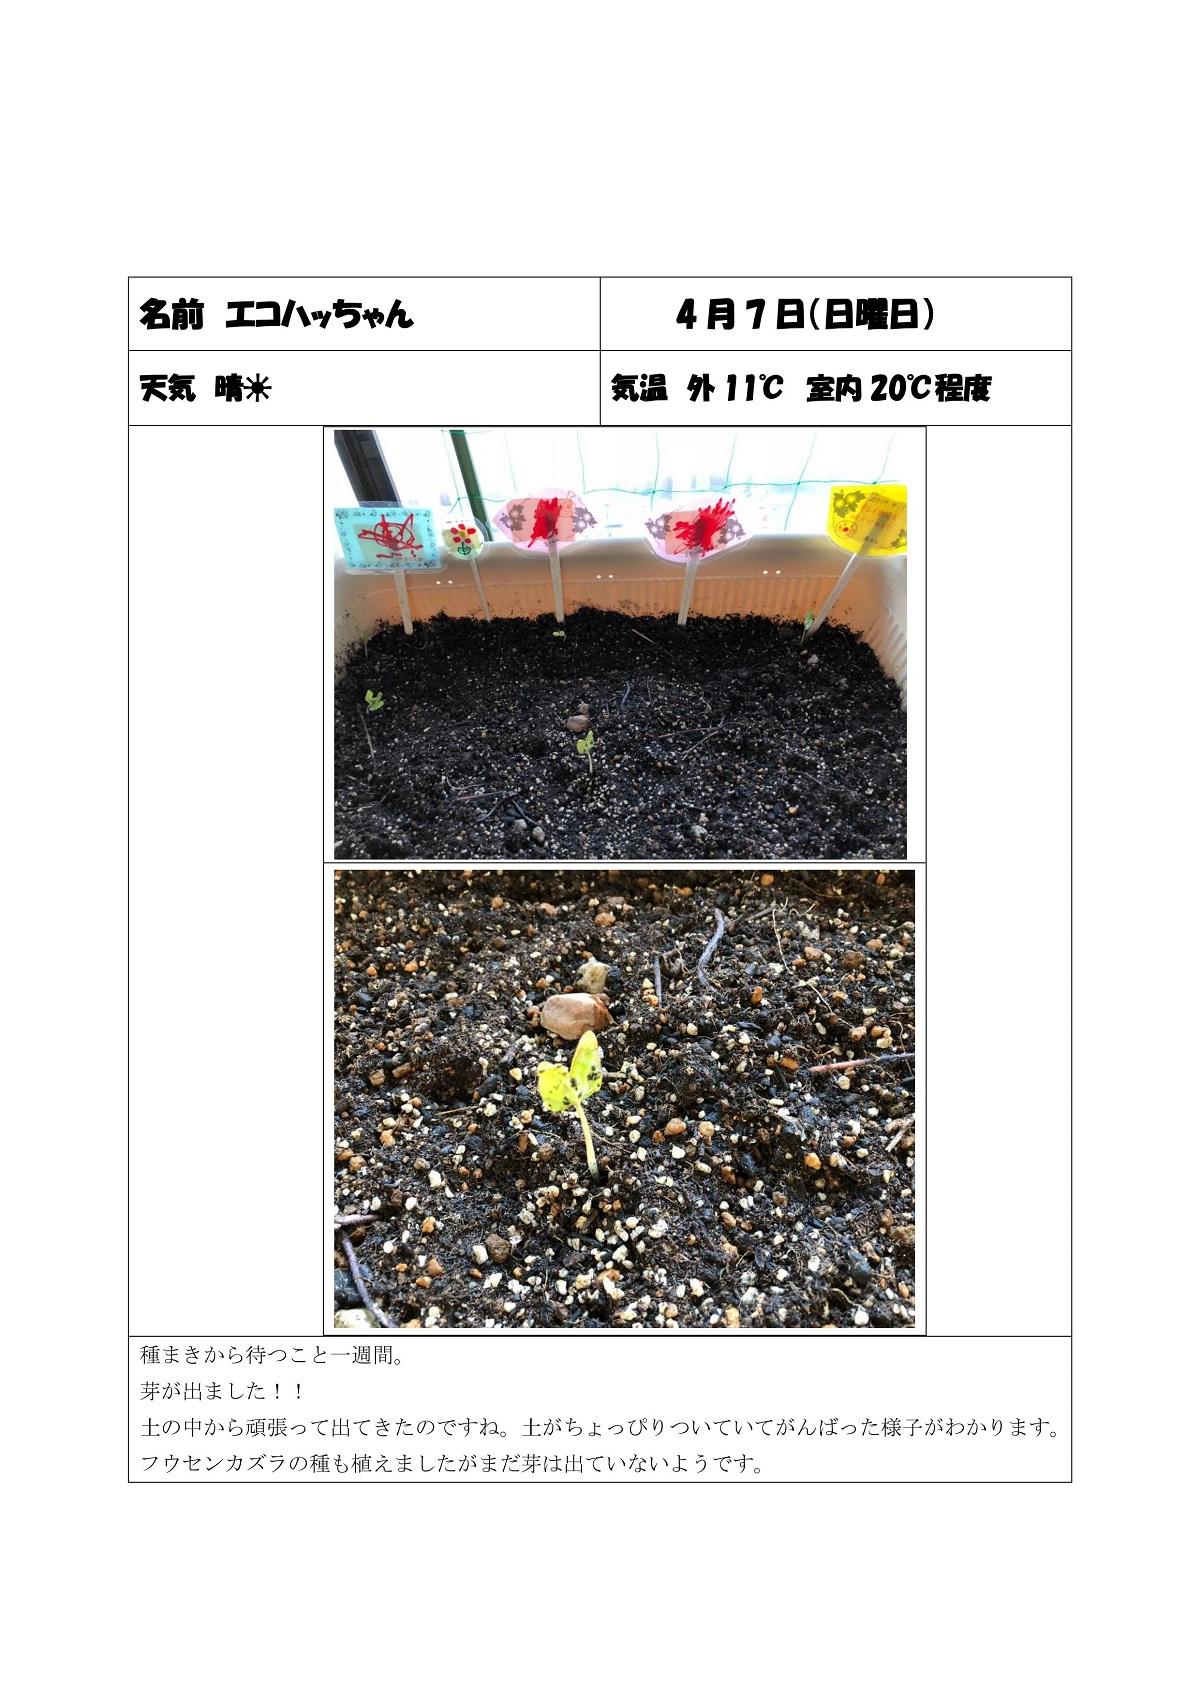 http://blog.iwate-eco.jp/2019/04/07/0002.jpg